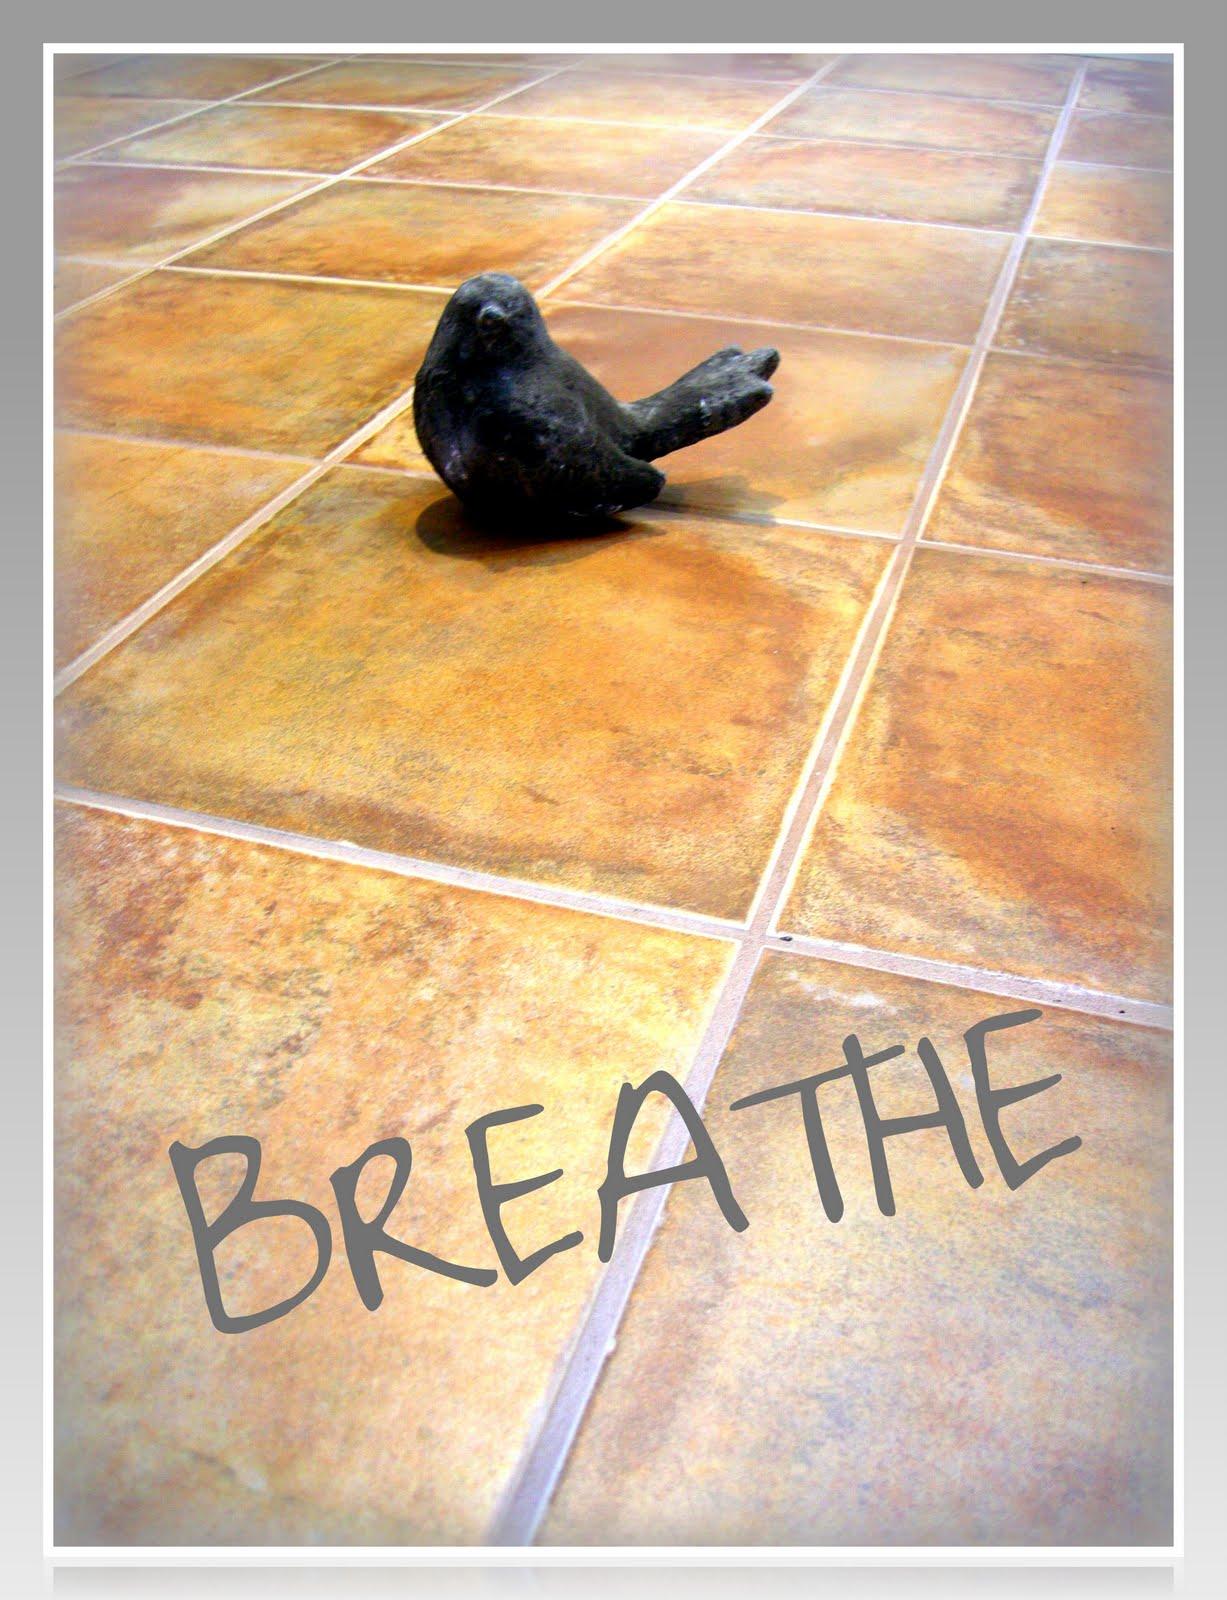 http://2.bp.blogspot.com/_iGmQrFsrgdA/S_M5K8pha6I/AAAAAAAABaU/L7Zhrnr4egU/s1600/Breathe+Floor+tweaked.jpg